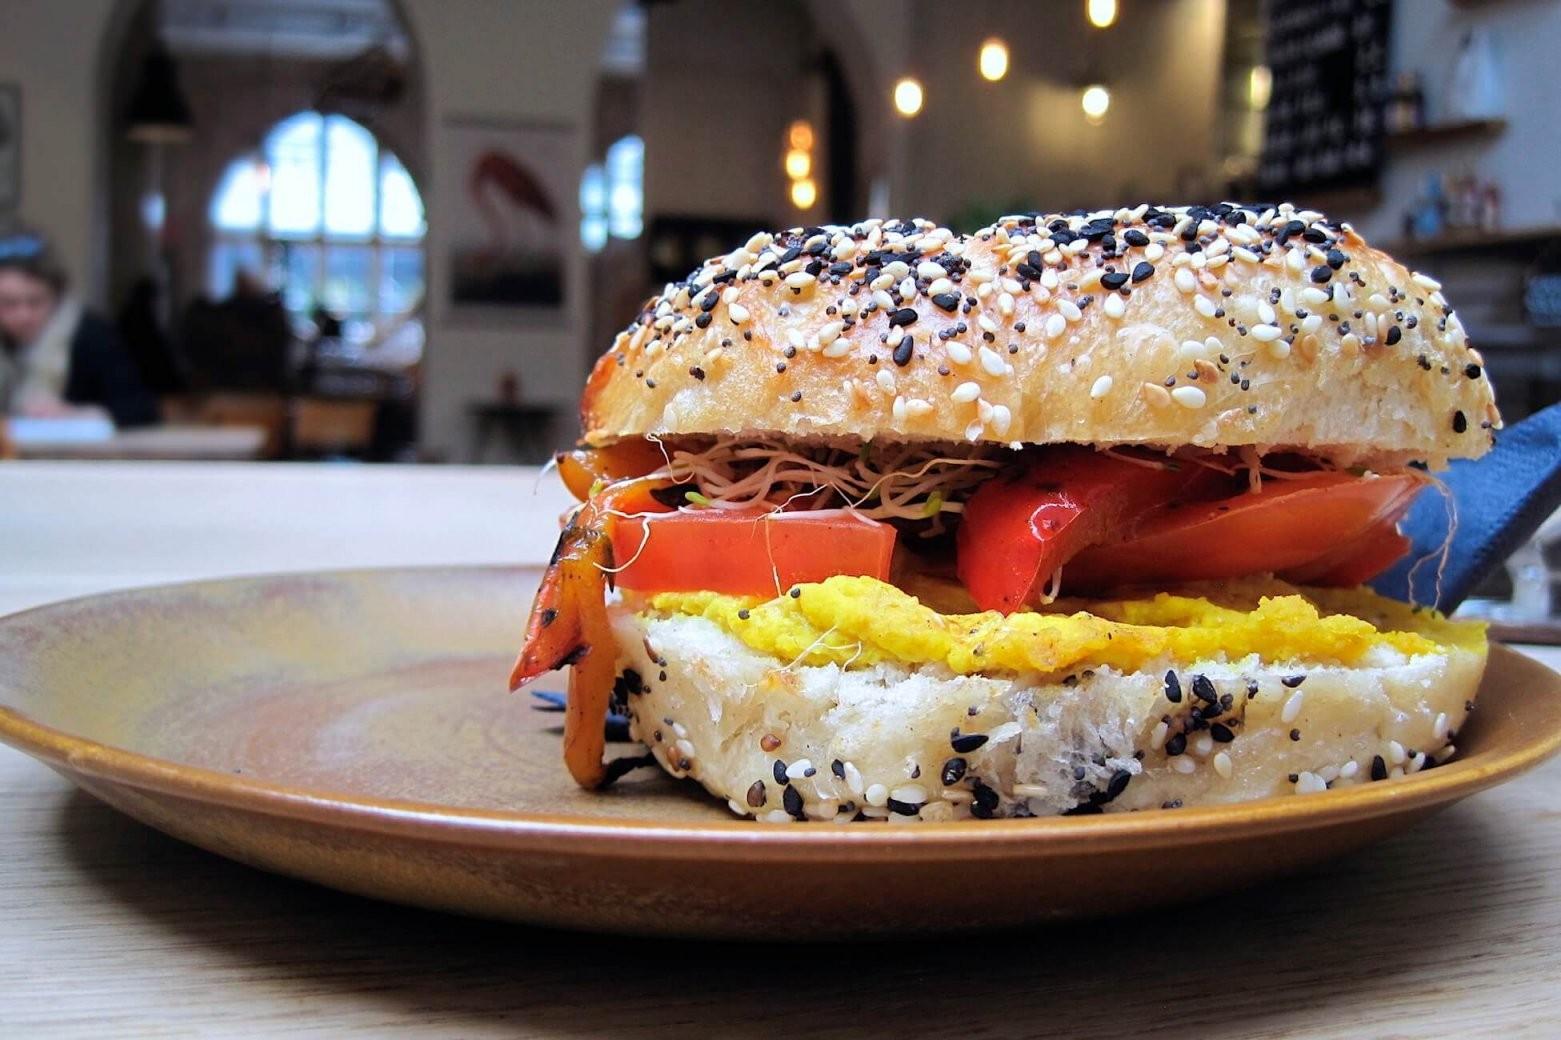 Hallesches Haus  Vegan Cake And Lunch Specials In Berlin Kreuzberg von Poco Einrichtungsmarkt Berlin Kreuzberg Bild